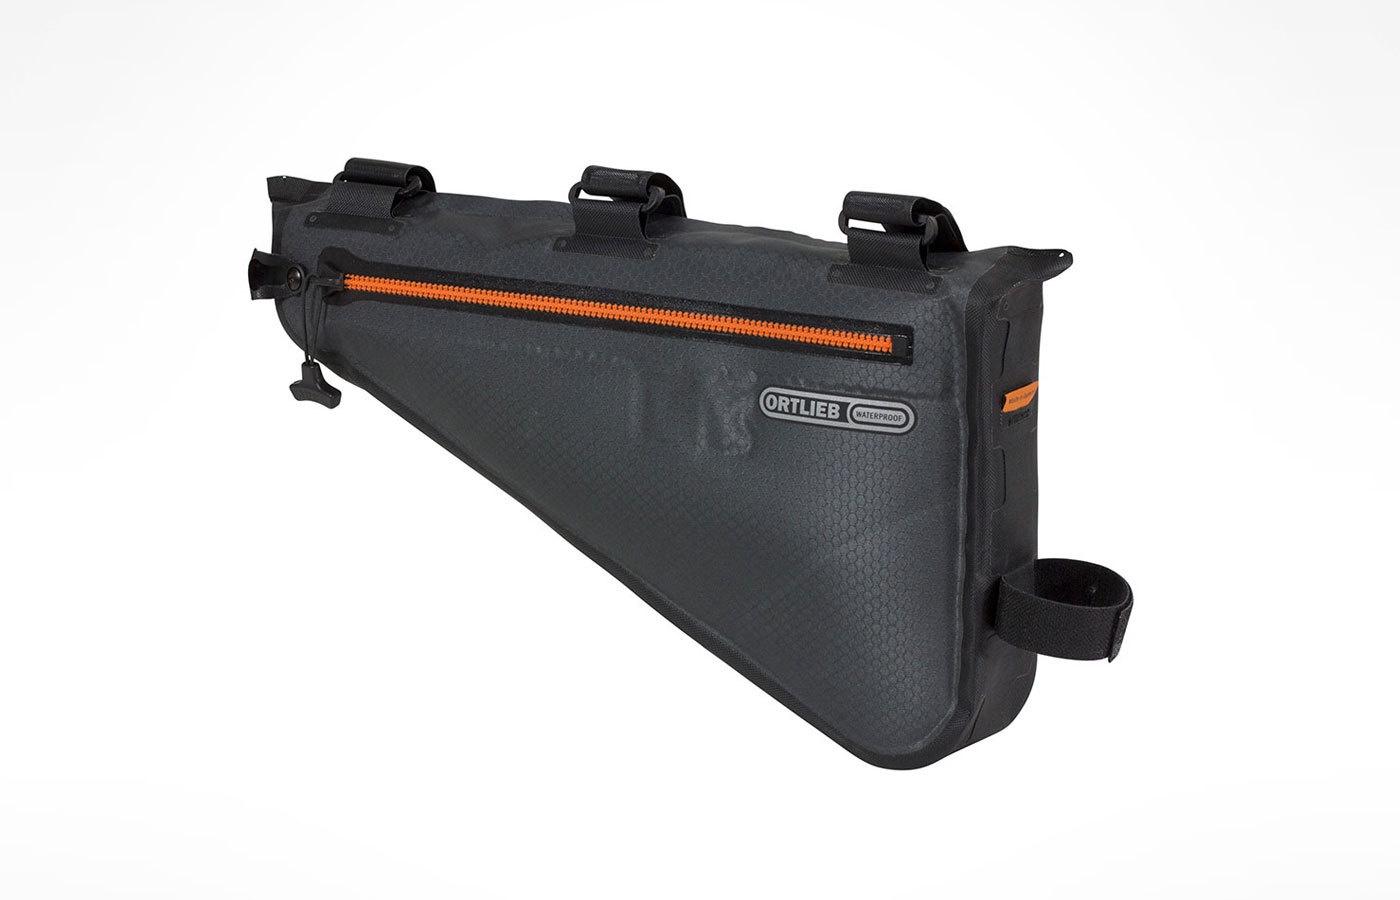 Ortlieb Frame Pack